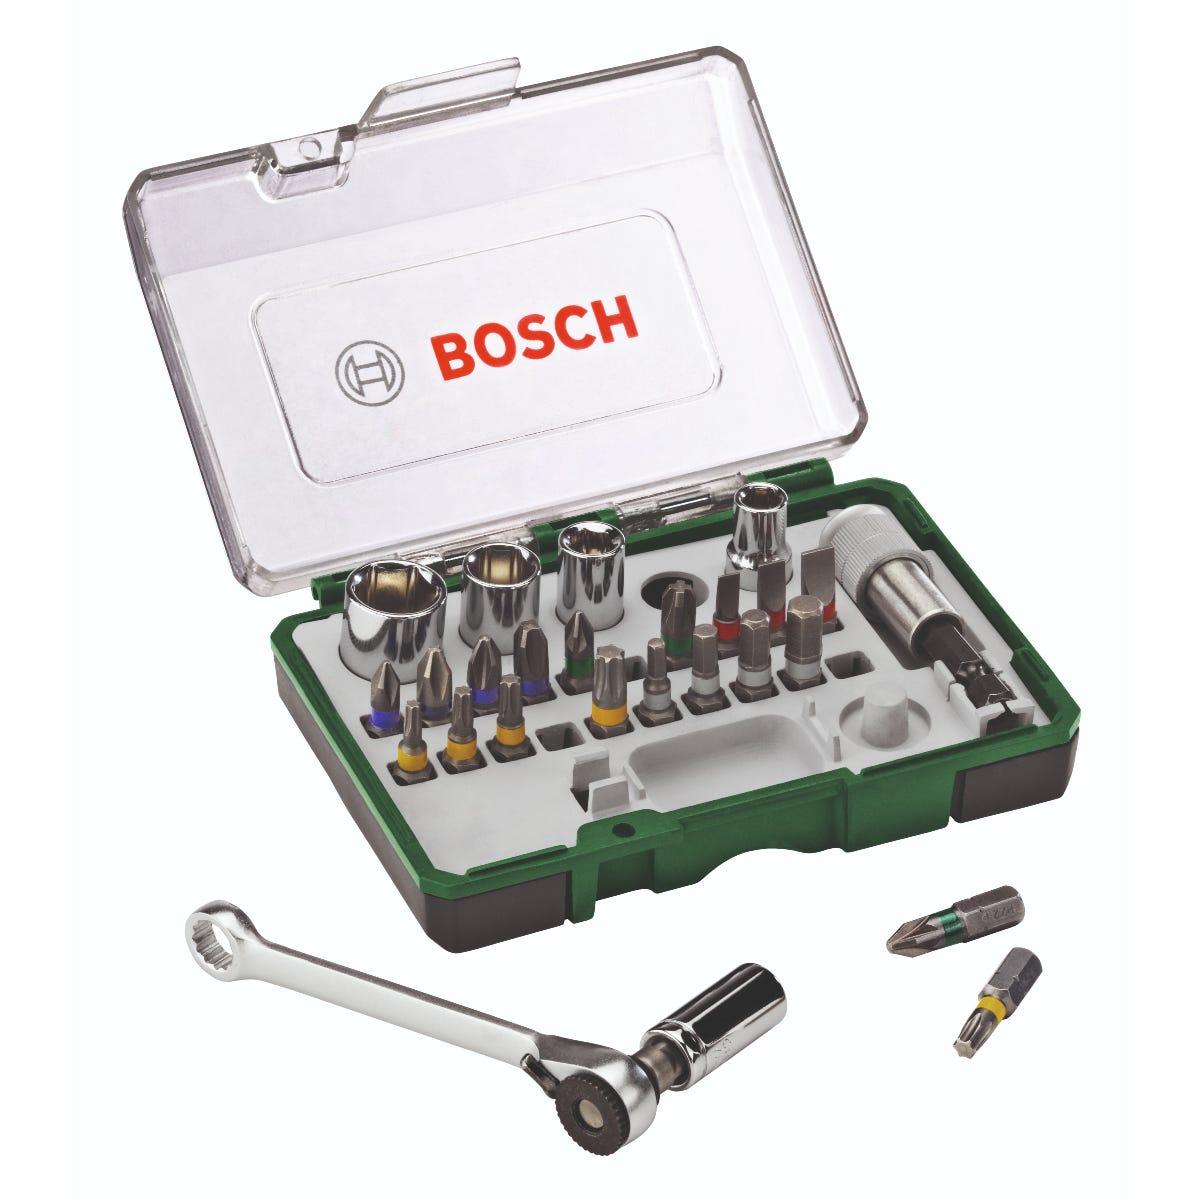 Bosch 27-piece Ratchet Screwdriver Bit and Socket Set